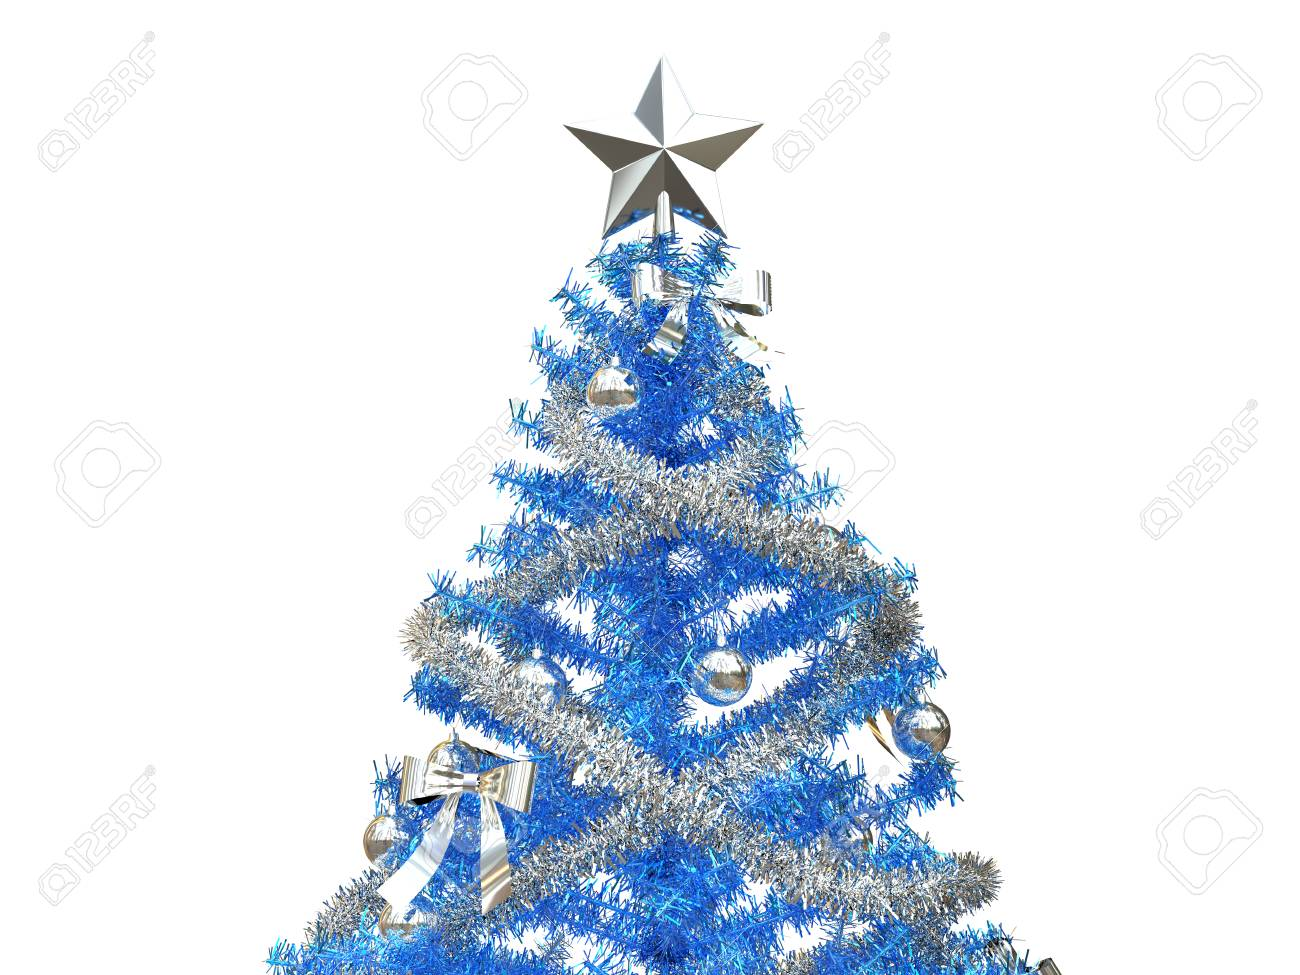 Albero Di Natale Argento E Blu.Immagini Stock Albero Di Natale Blu Brillante Con I Lame E Le Decorazioni D Argento Colpo Del Primo Piano Image 88486645